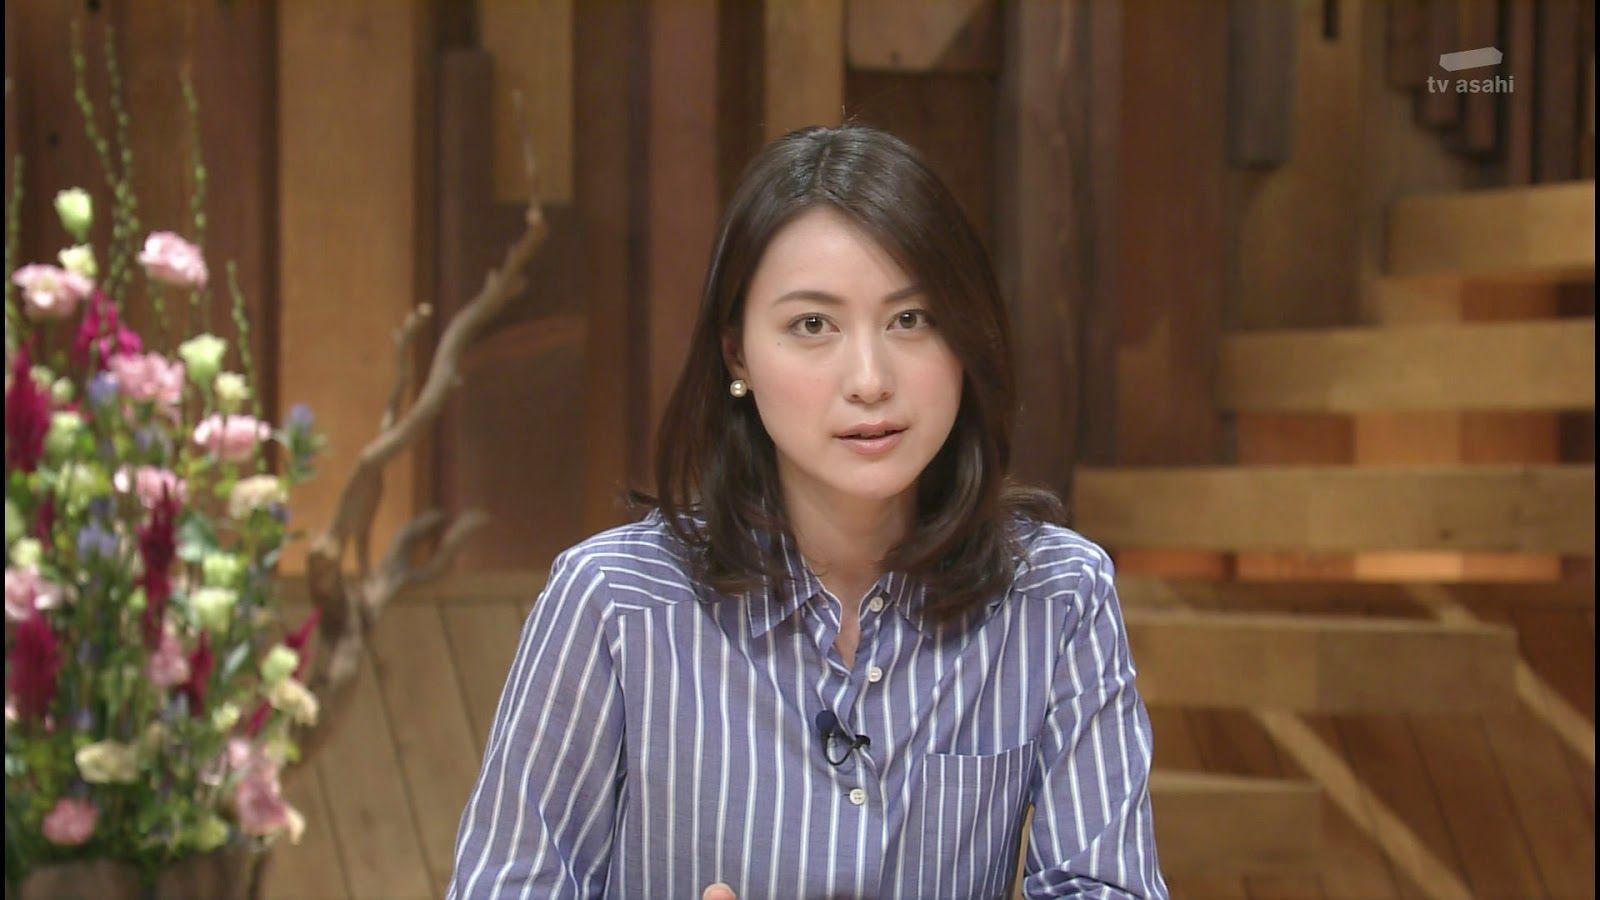 ぴしっとした服装で真剣な表情でニュースを読む小川彩佳